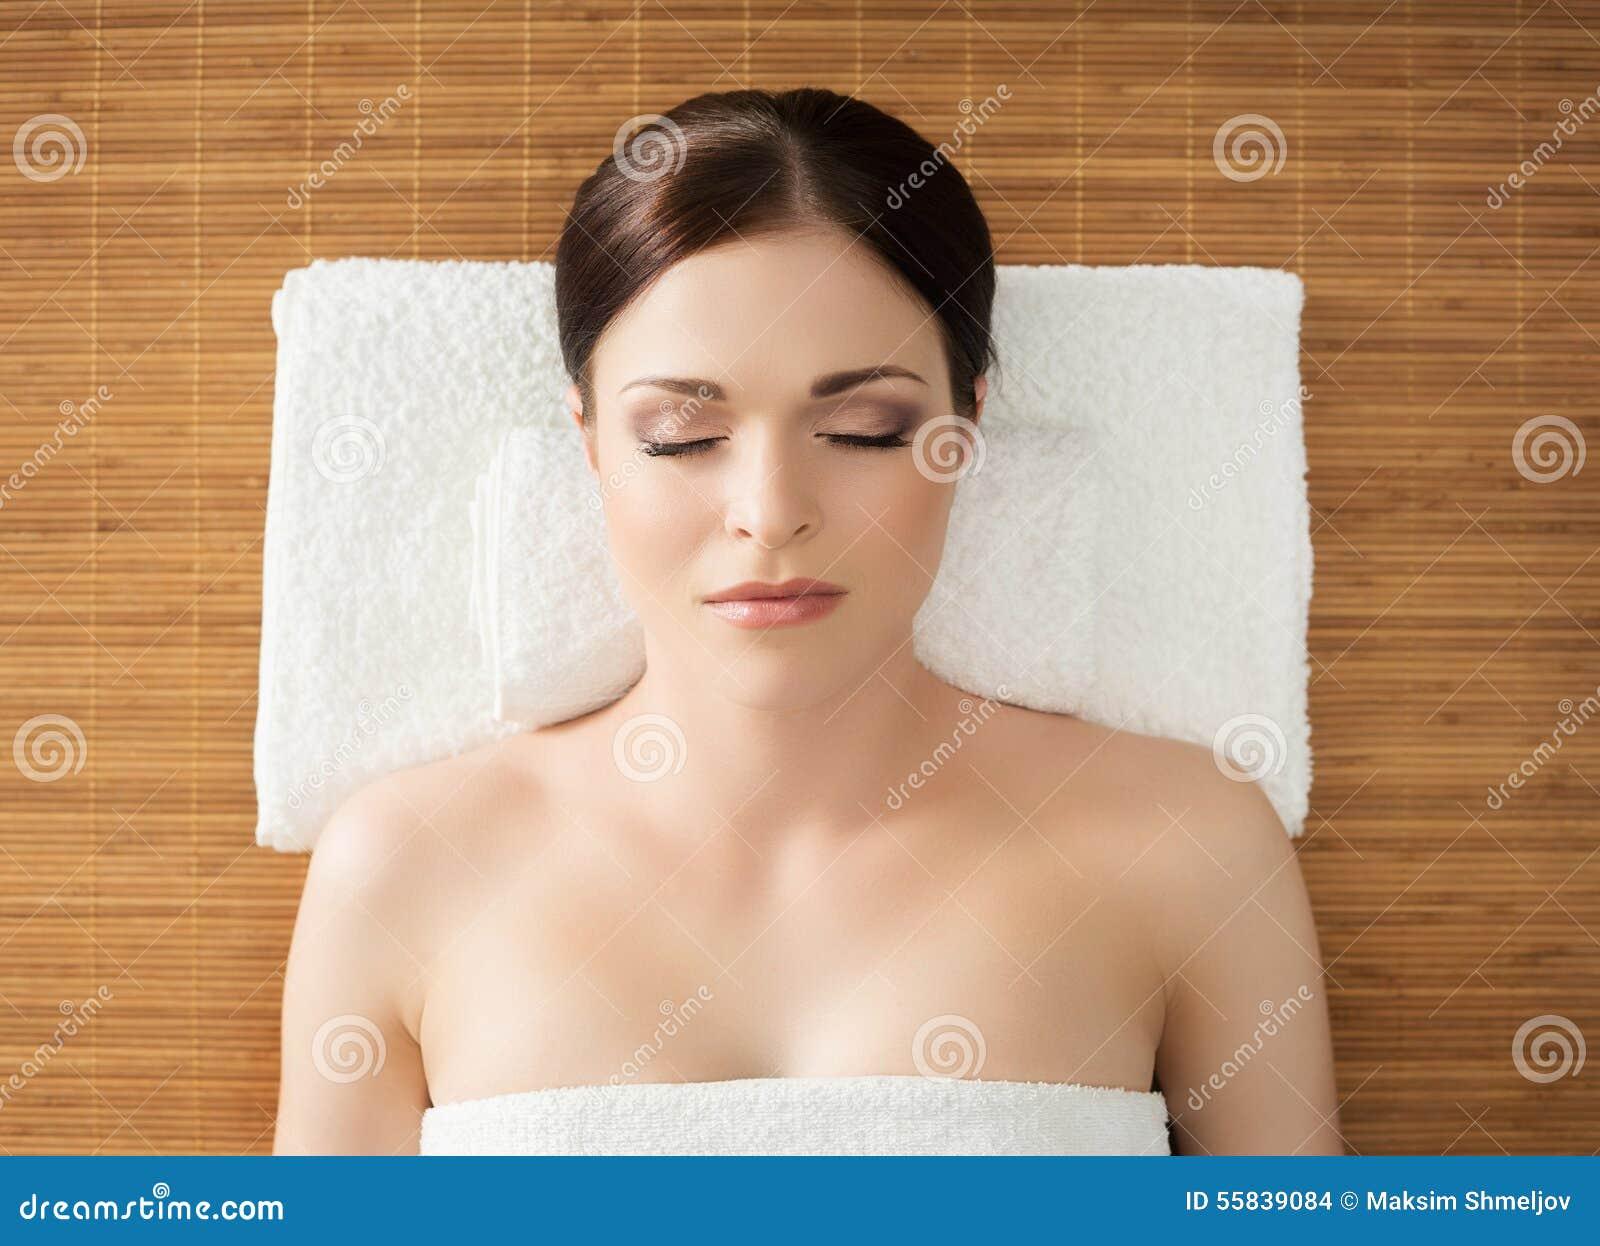 therapeutic massage beautiful masseuse available